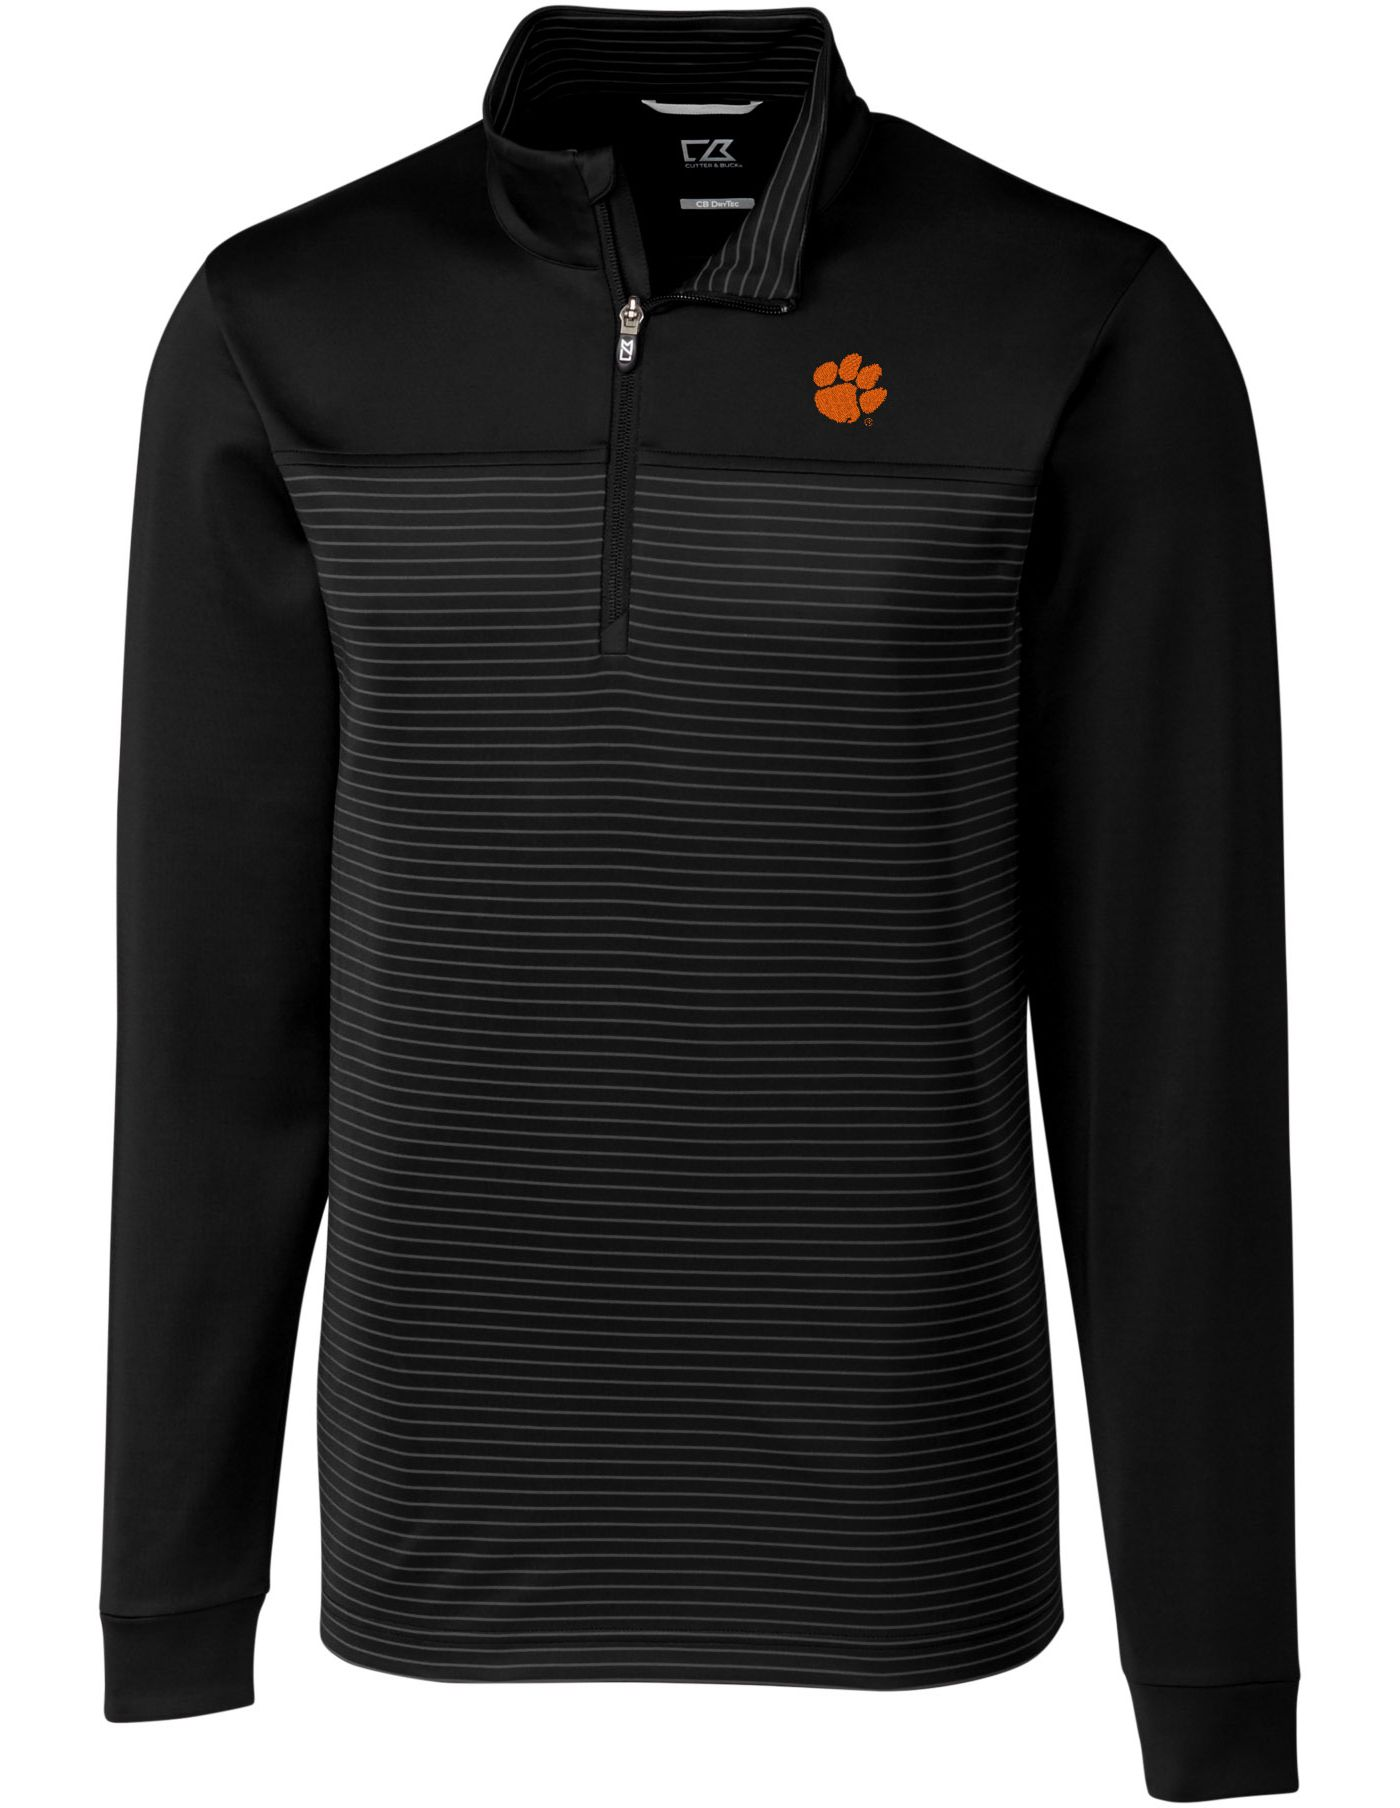 Cutter & Buck Men's Clemson Tigers Traverse Stripe Half-Zip Black Shirt